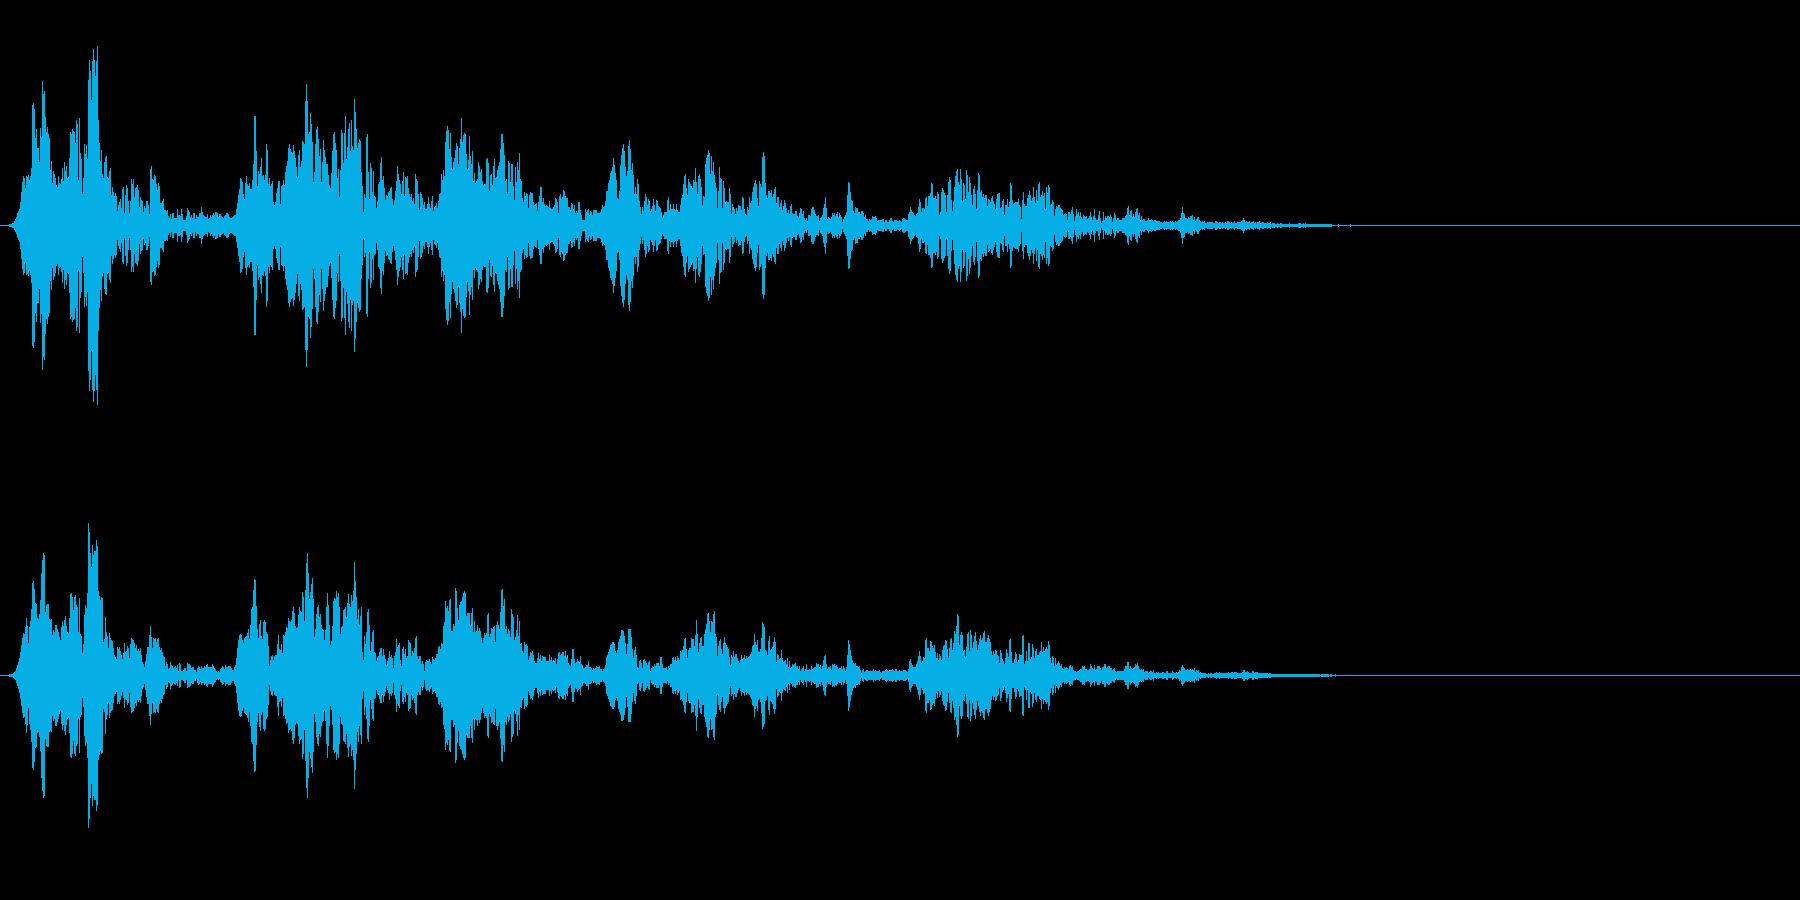 鳥のさえずり/チュンチュン/鳴き声の再生済みの波形